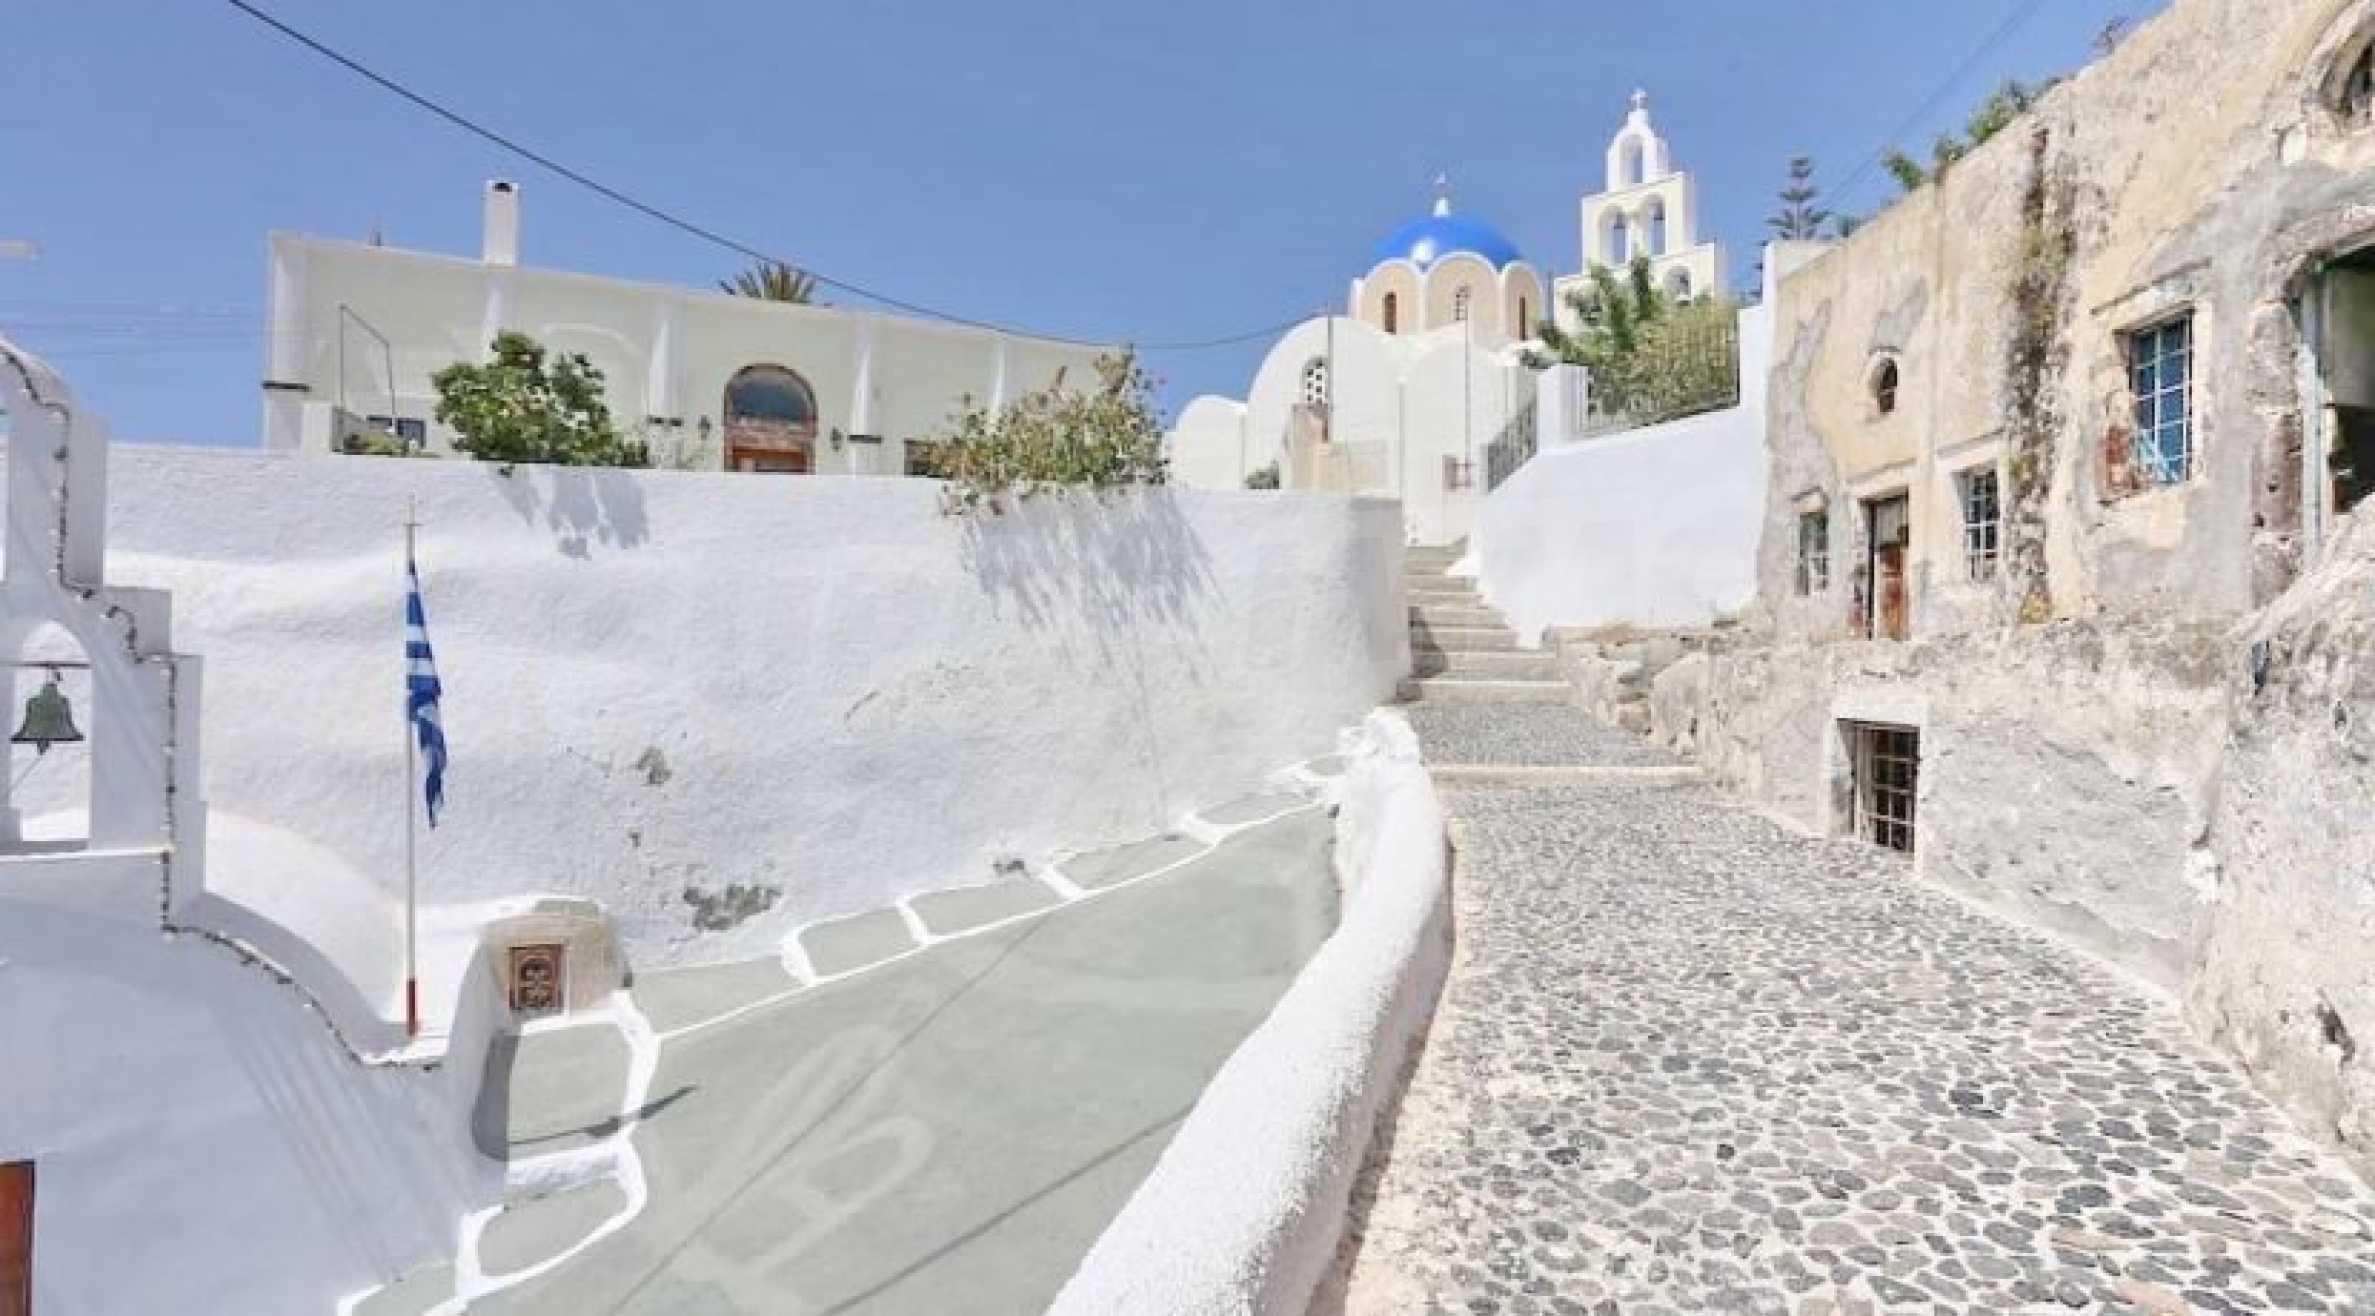 Екзотичен имот във Вотонас, остров Санторини 1